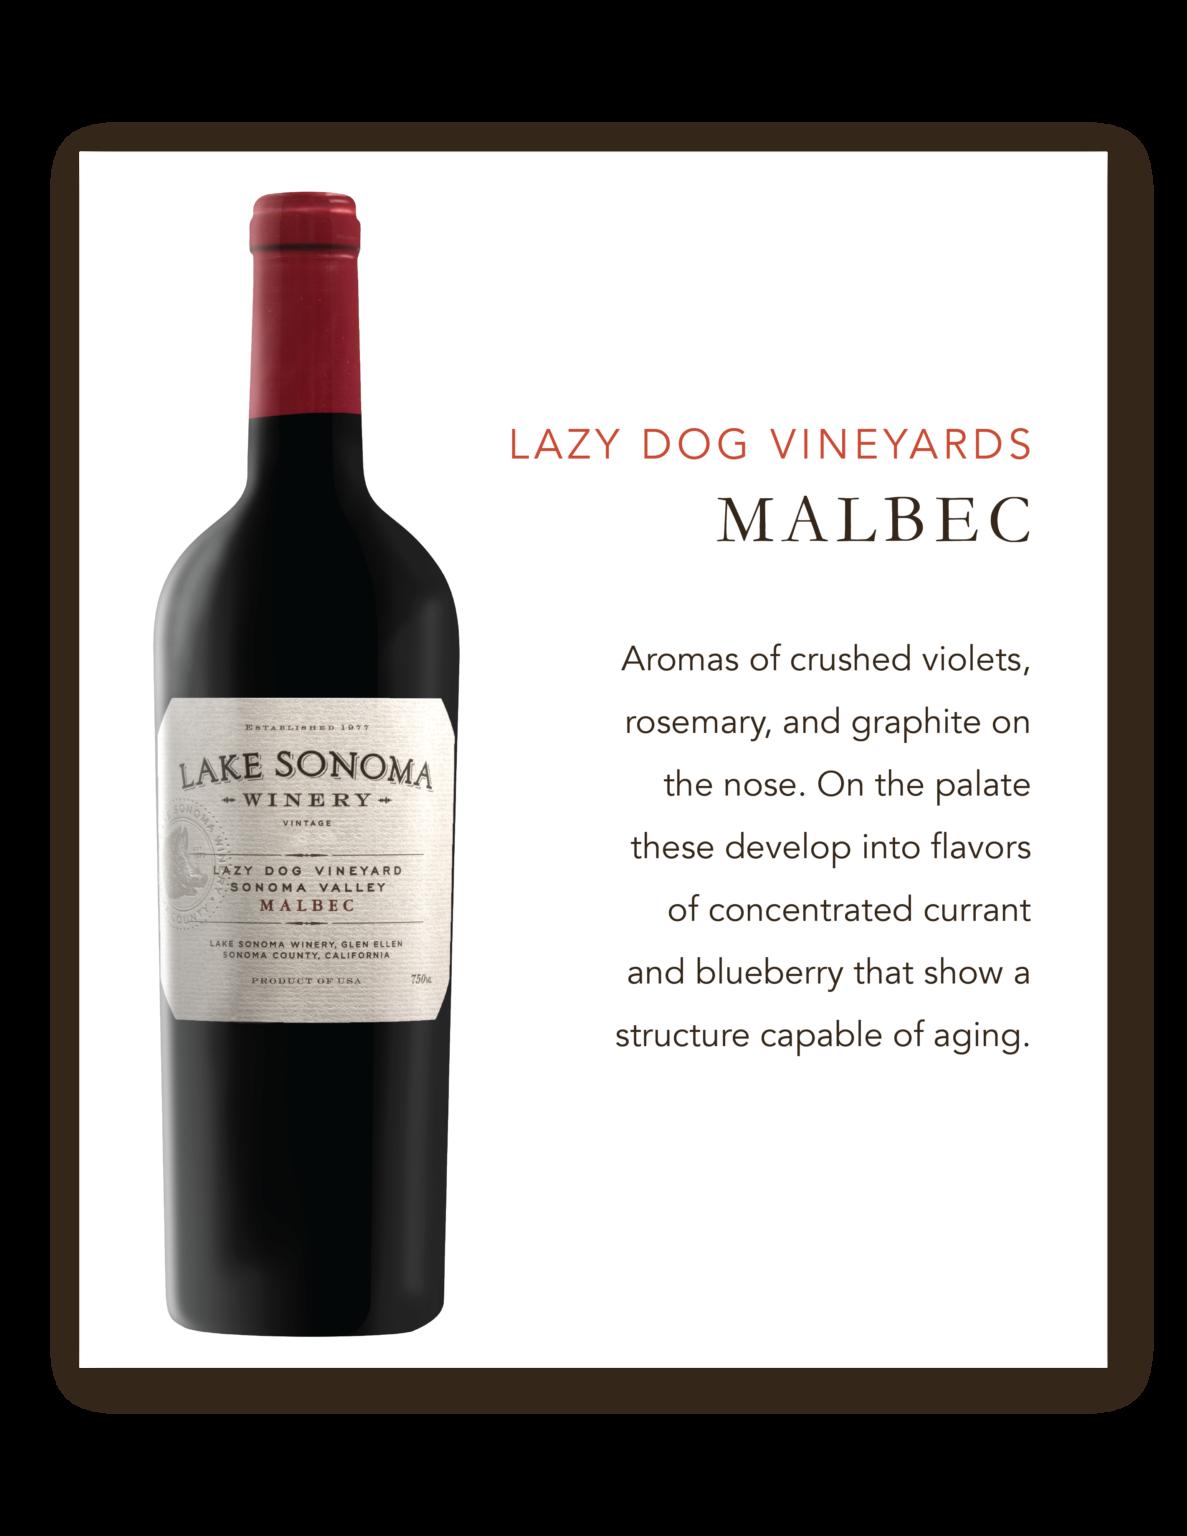 Lake Sonoma Lazy Dog Vineyard Malbec